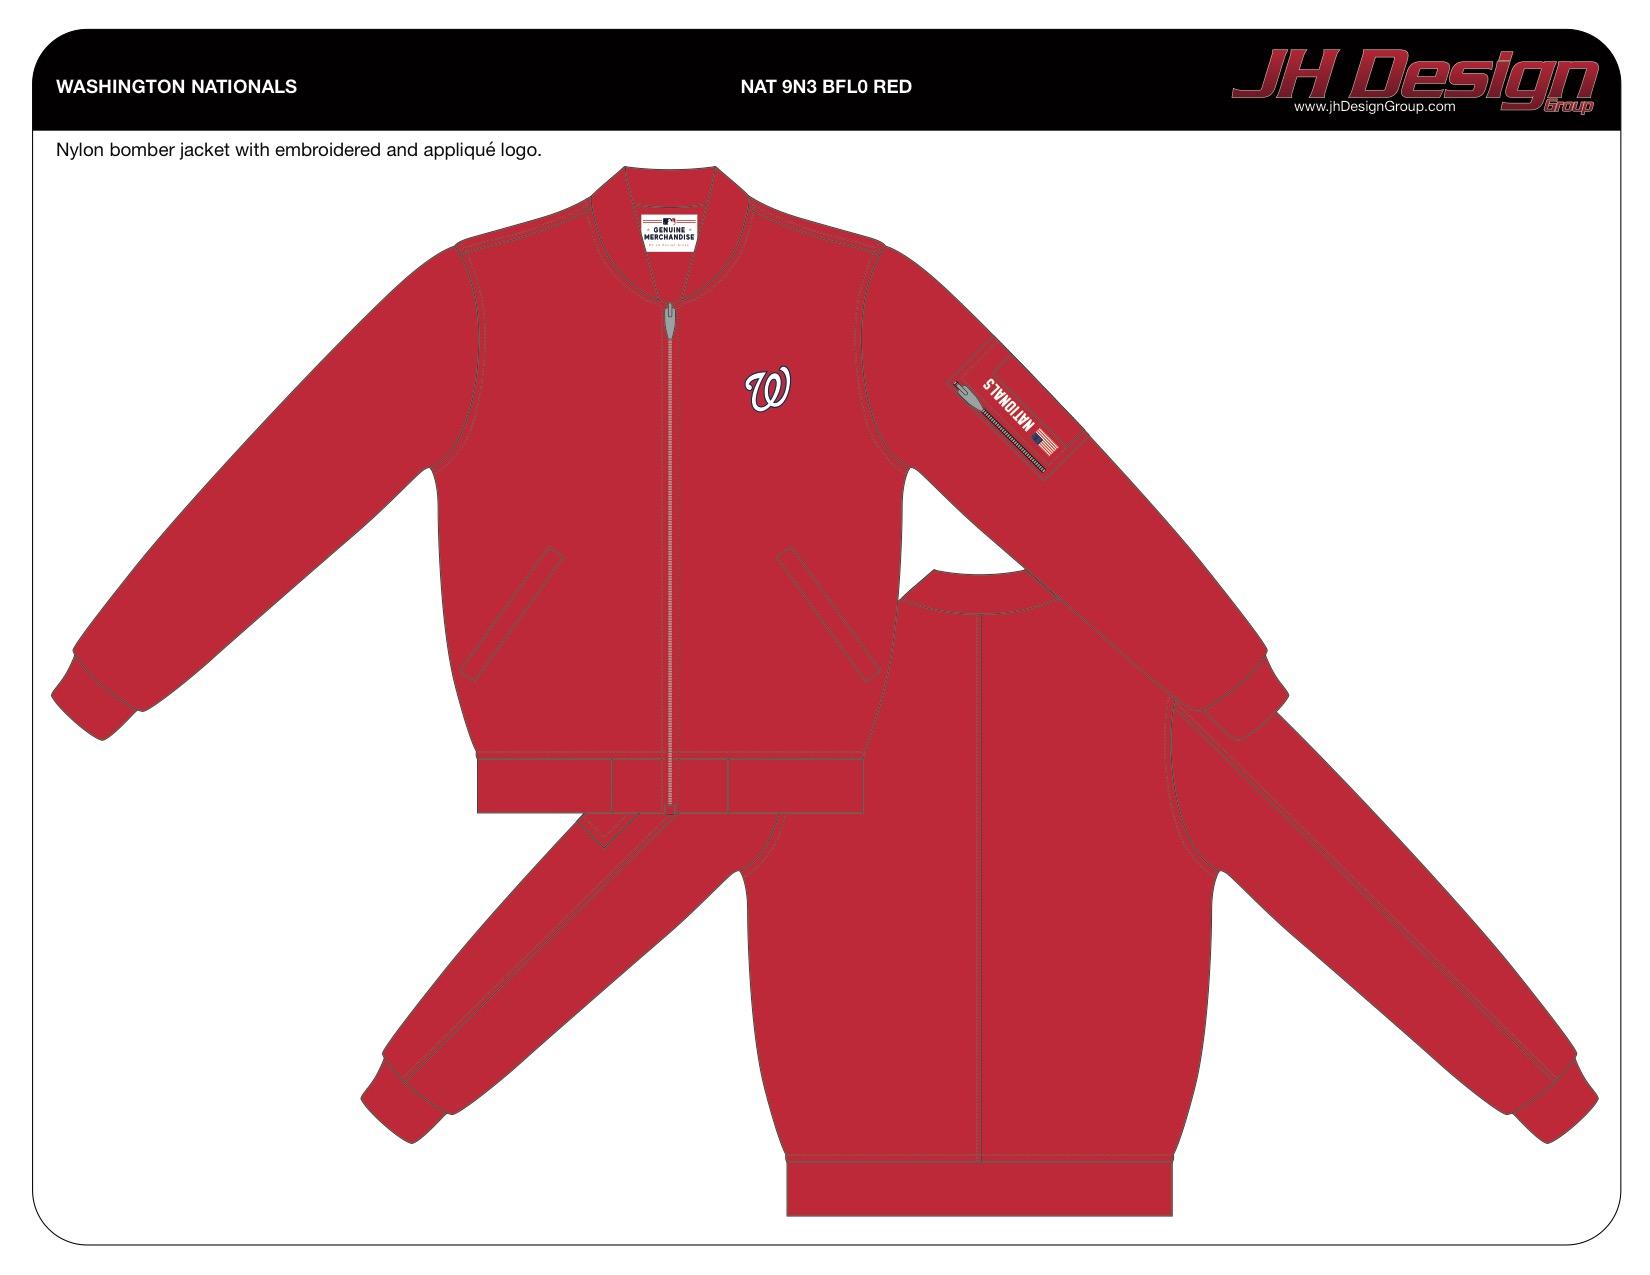 NAT 9N3 BFL0 RED